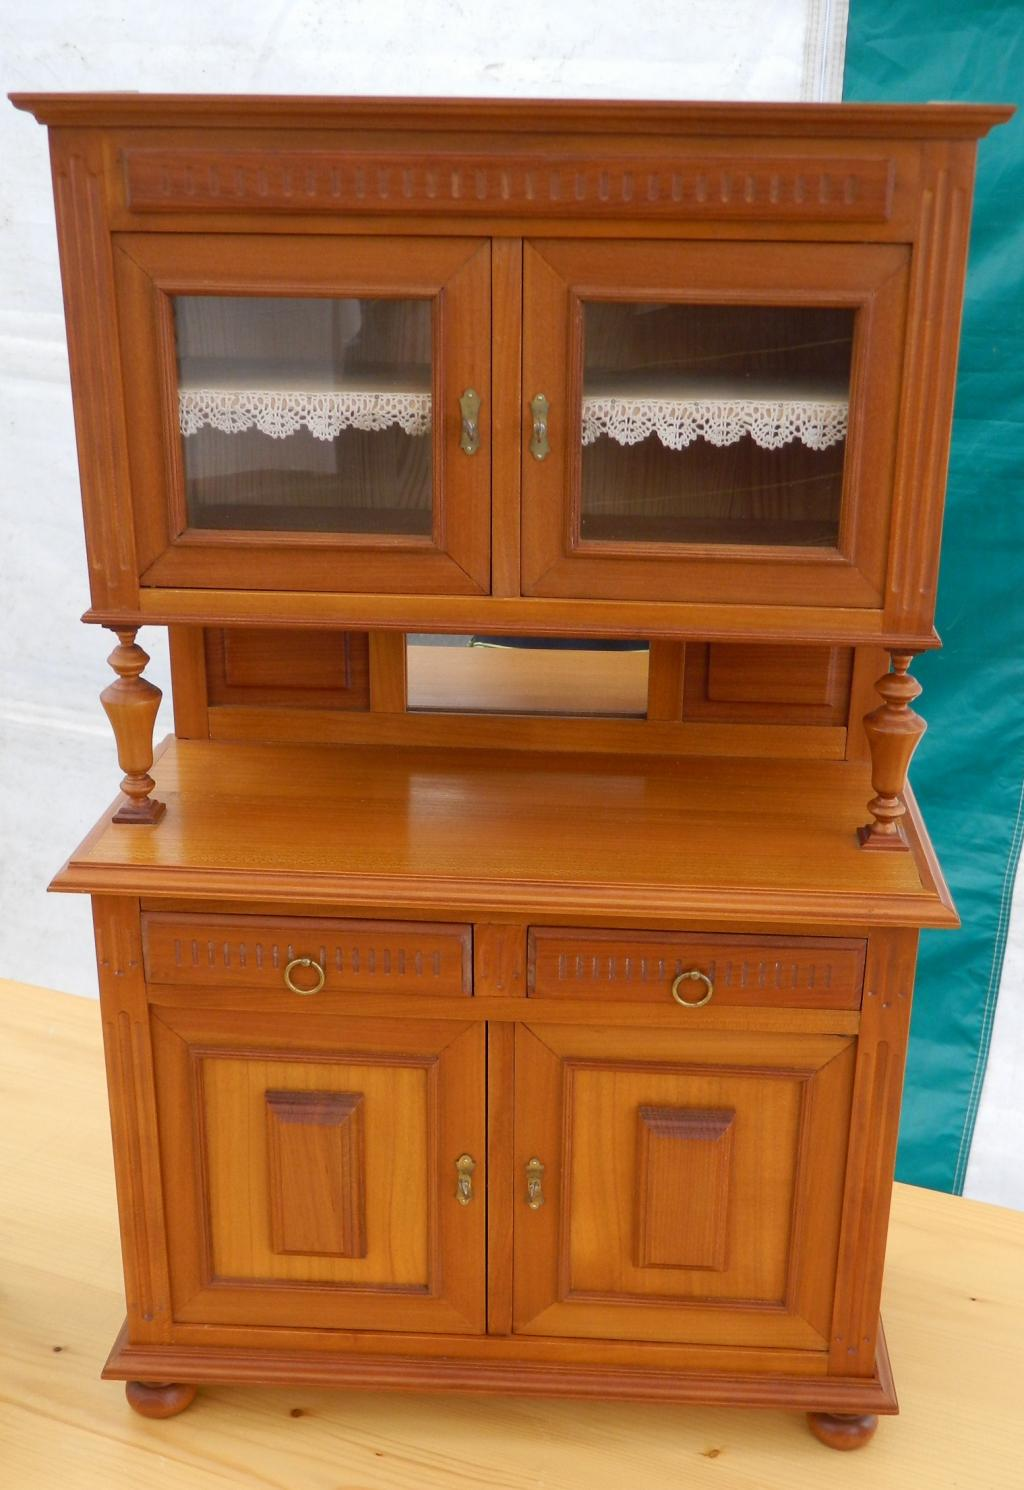 Loz re mod lisme meubles copie conforme for Meuble copie